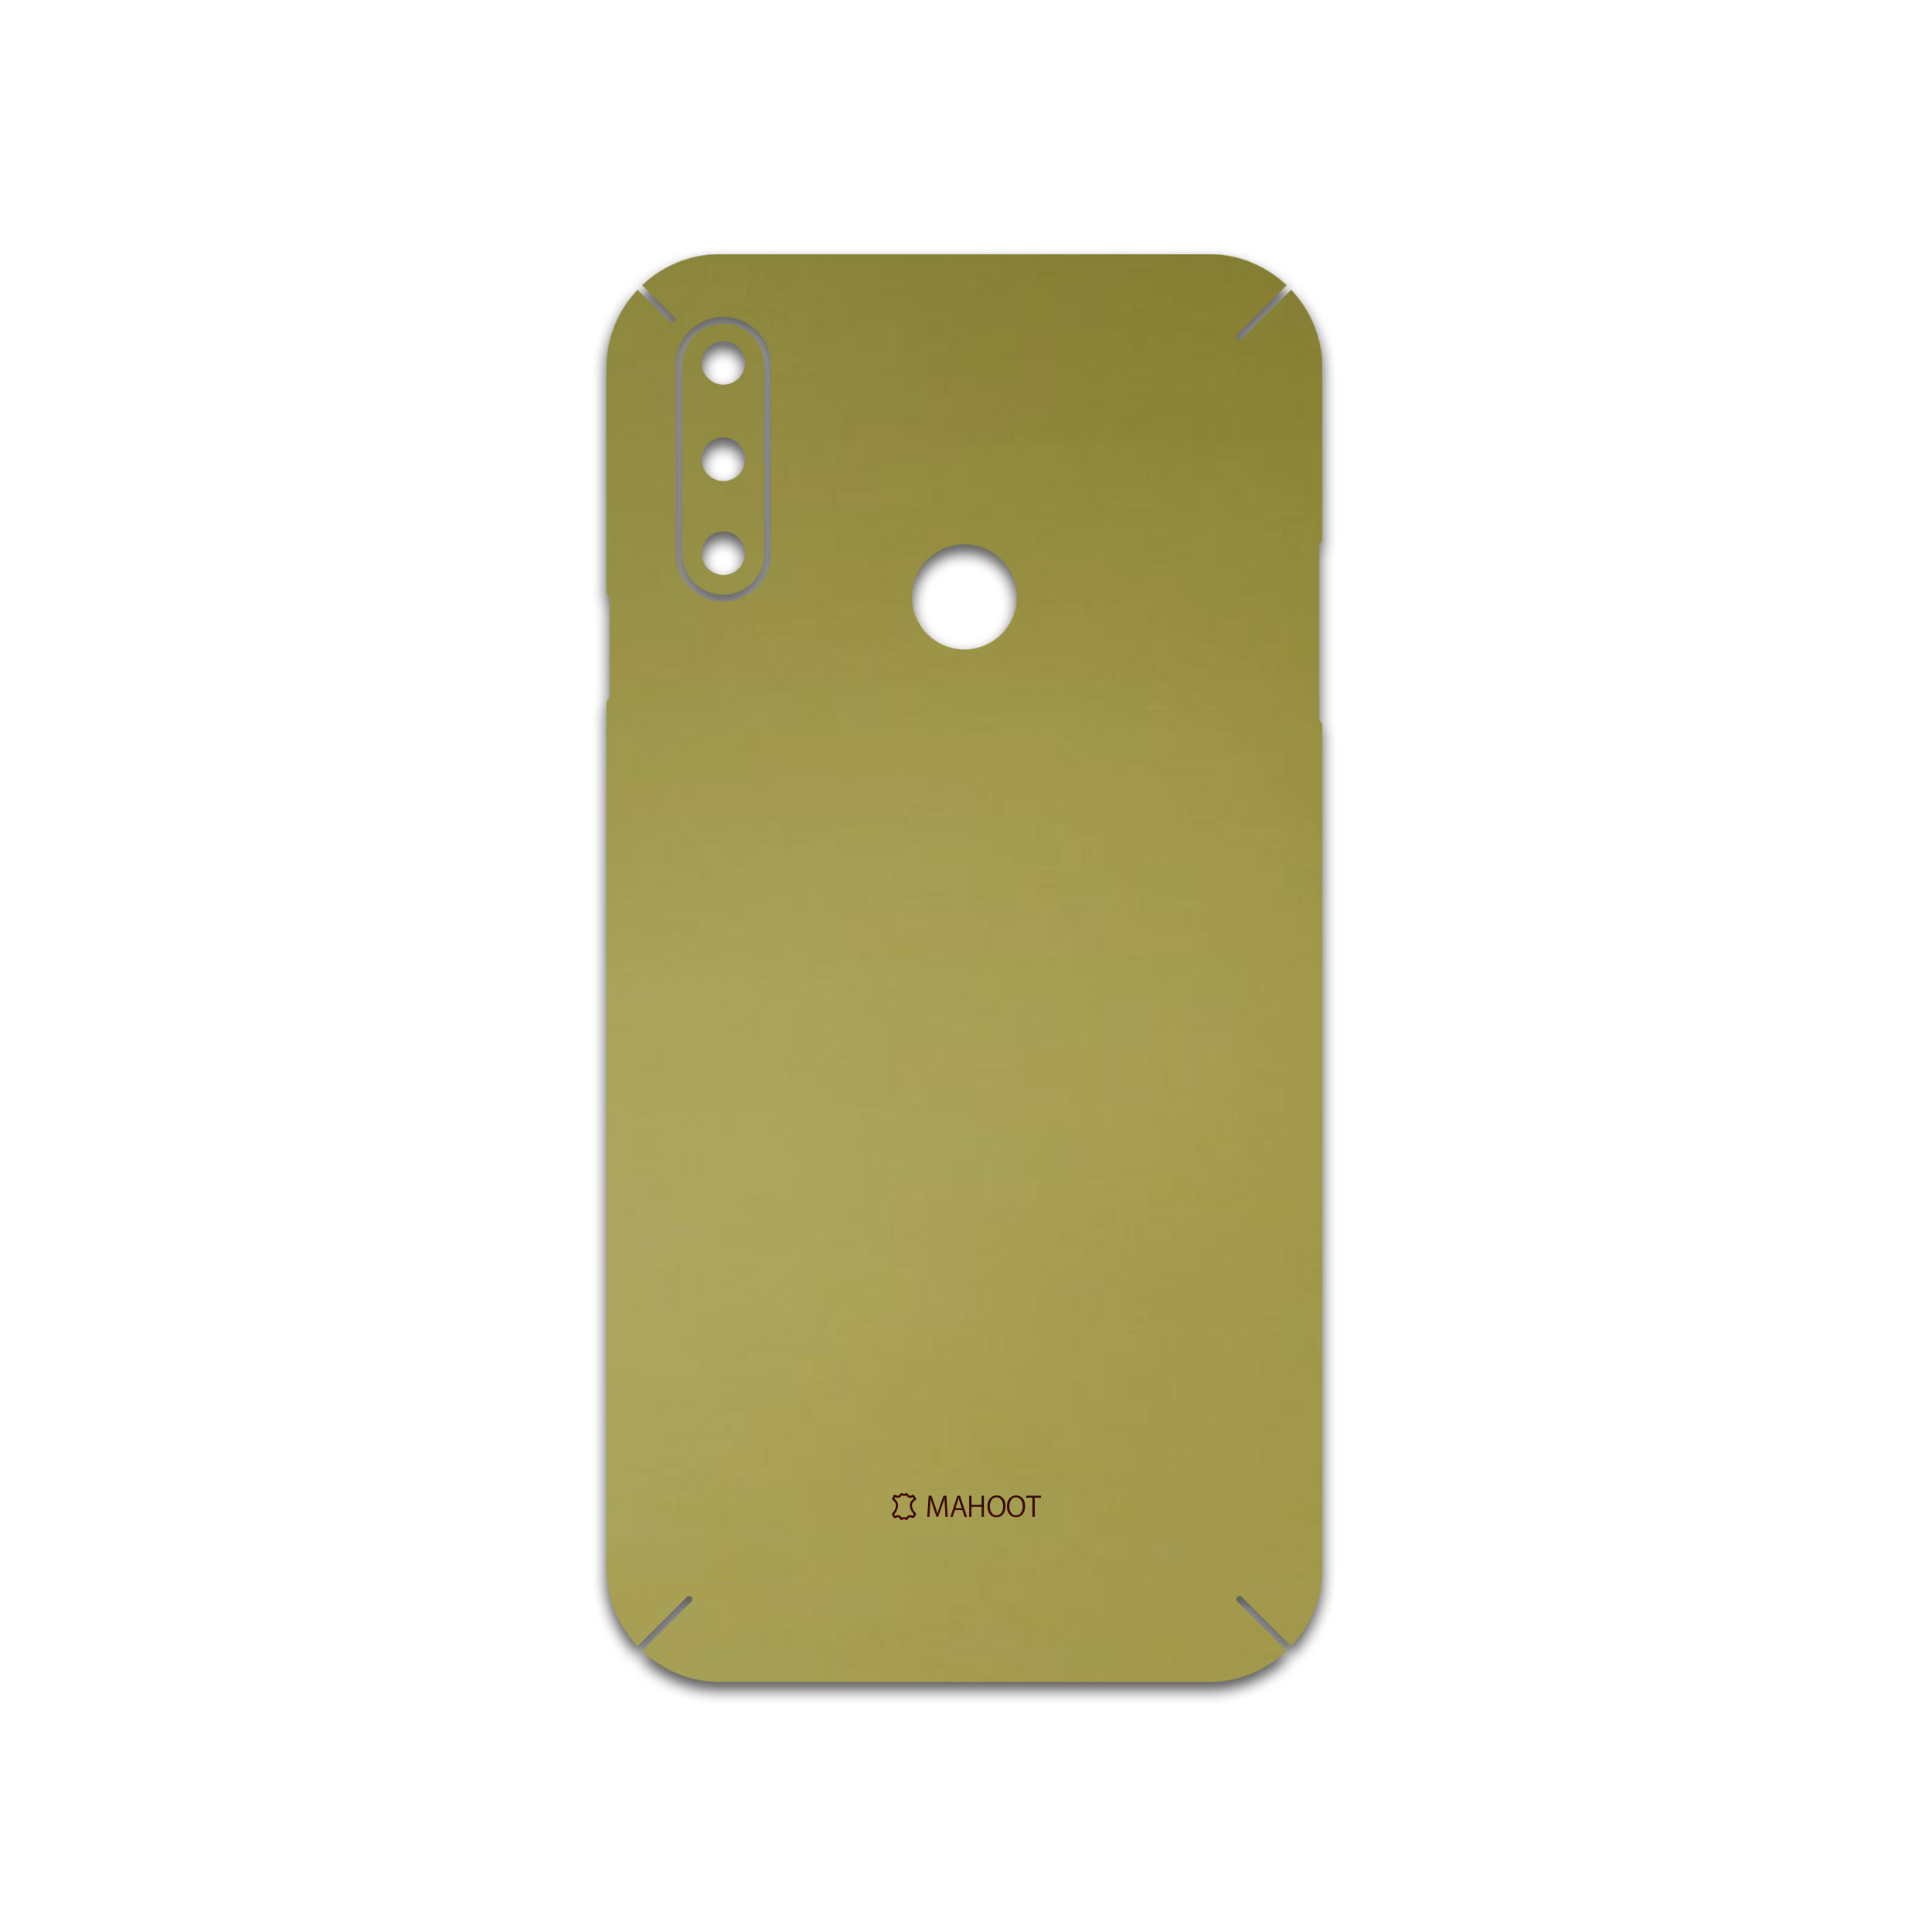 برچسب پوششی ماهوت مدل  Matte-Gold  مناسب برای گوشی موبایل ال جی W10